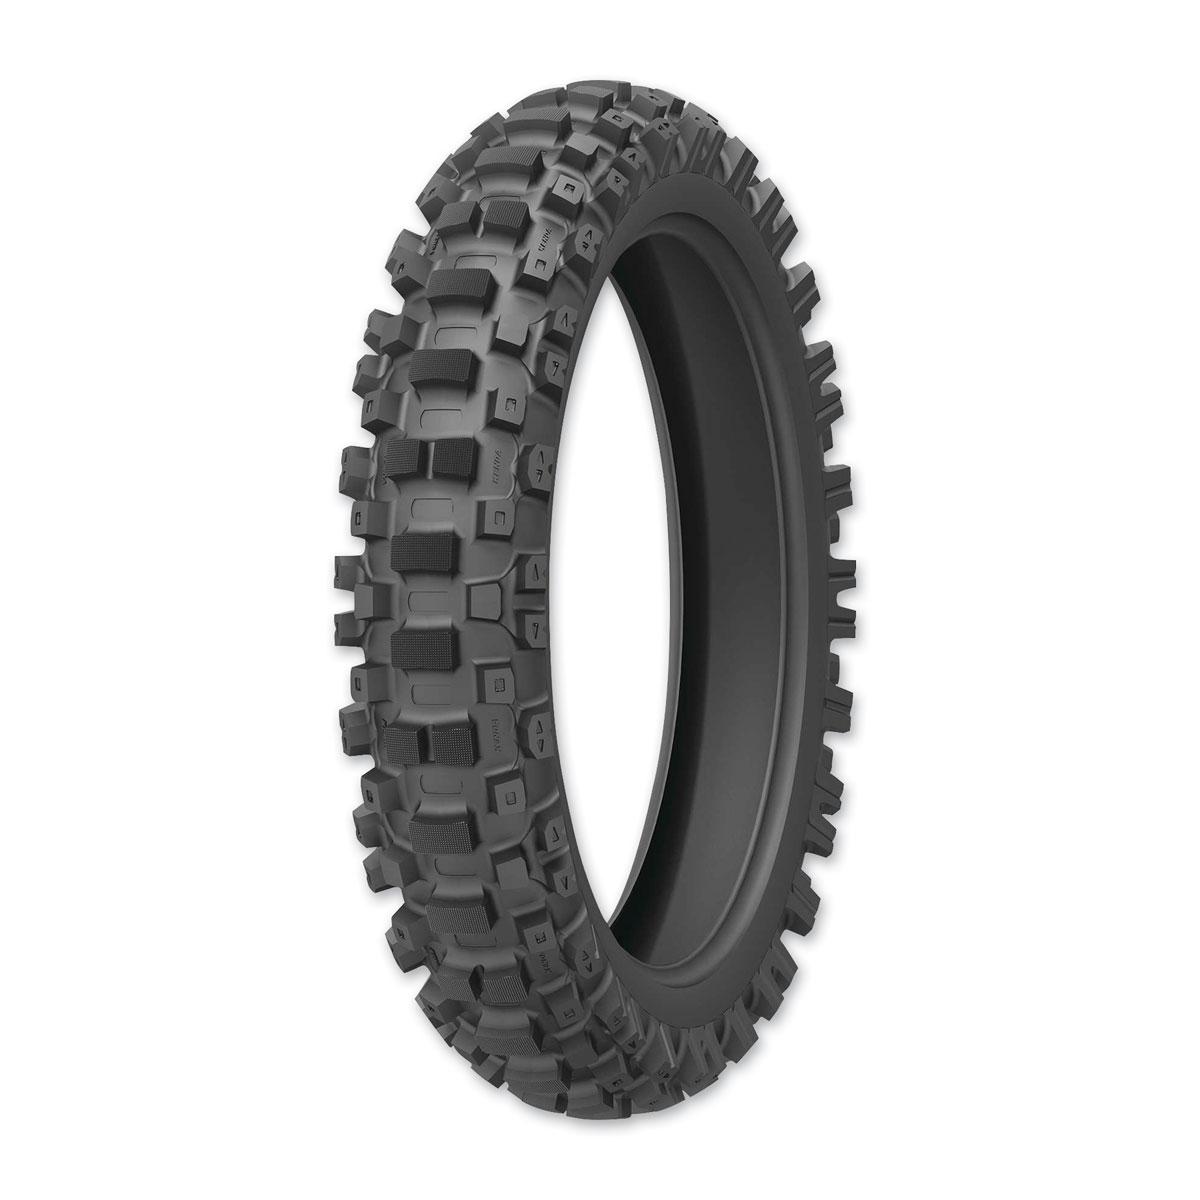 Kenda Tires Washougal II 110/100-18 Rear Tire